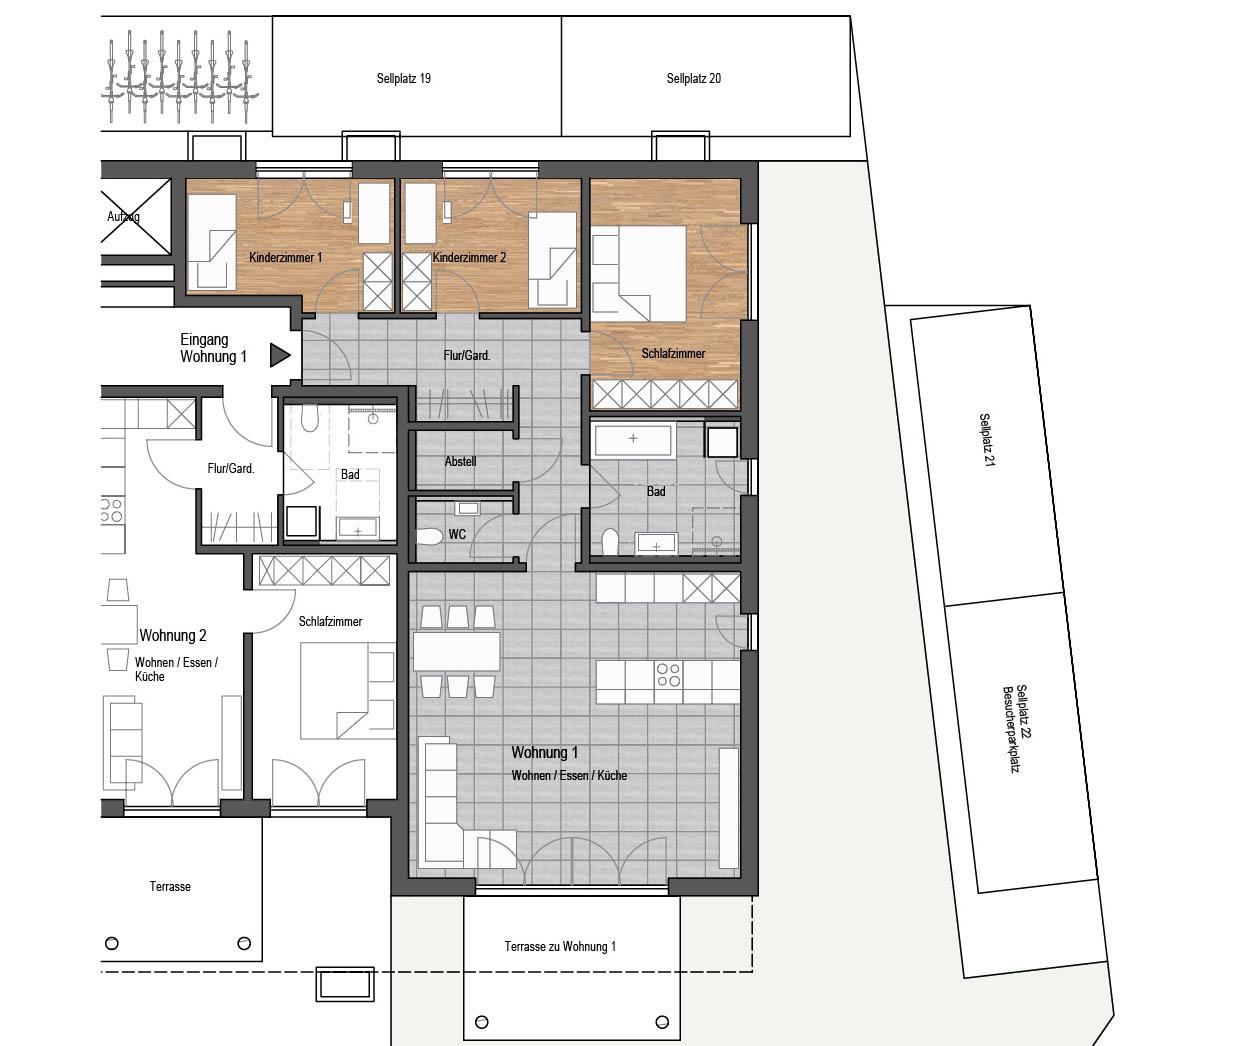 Wohnung Nr. 1 - 4-Zimmer Wohnung mit Terrasse und Garten ...